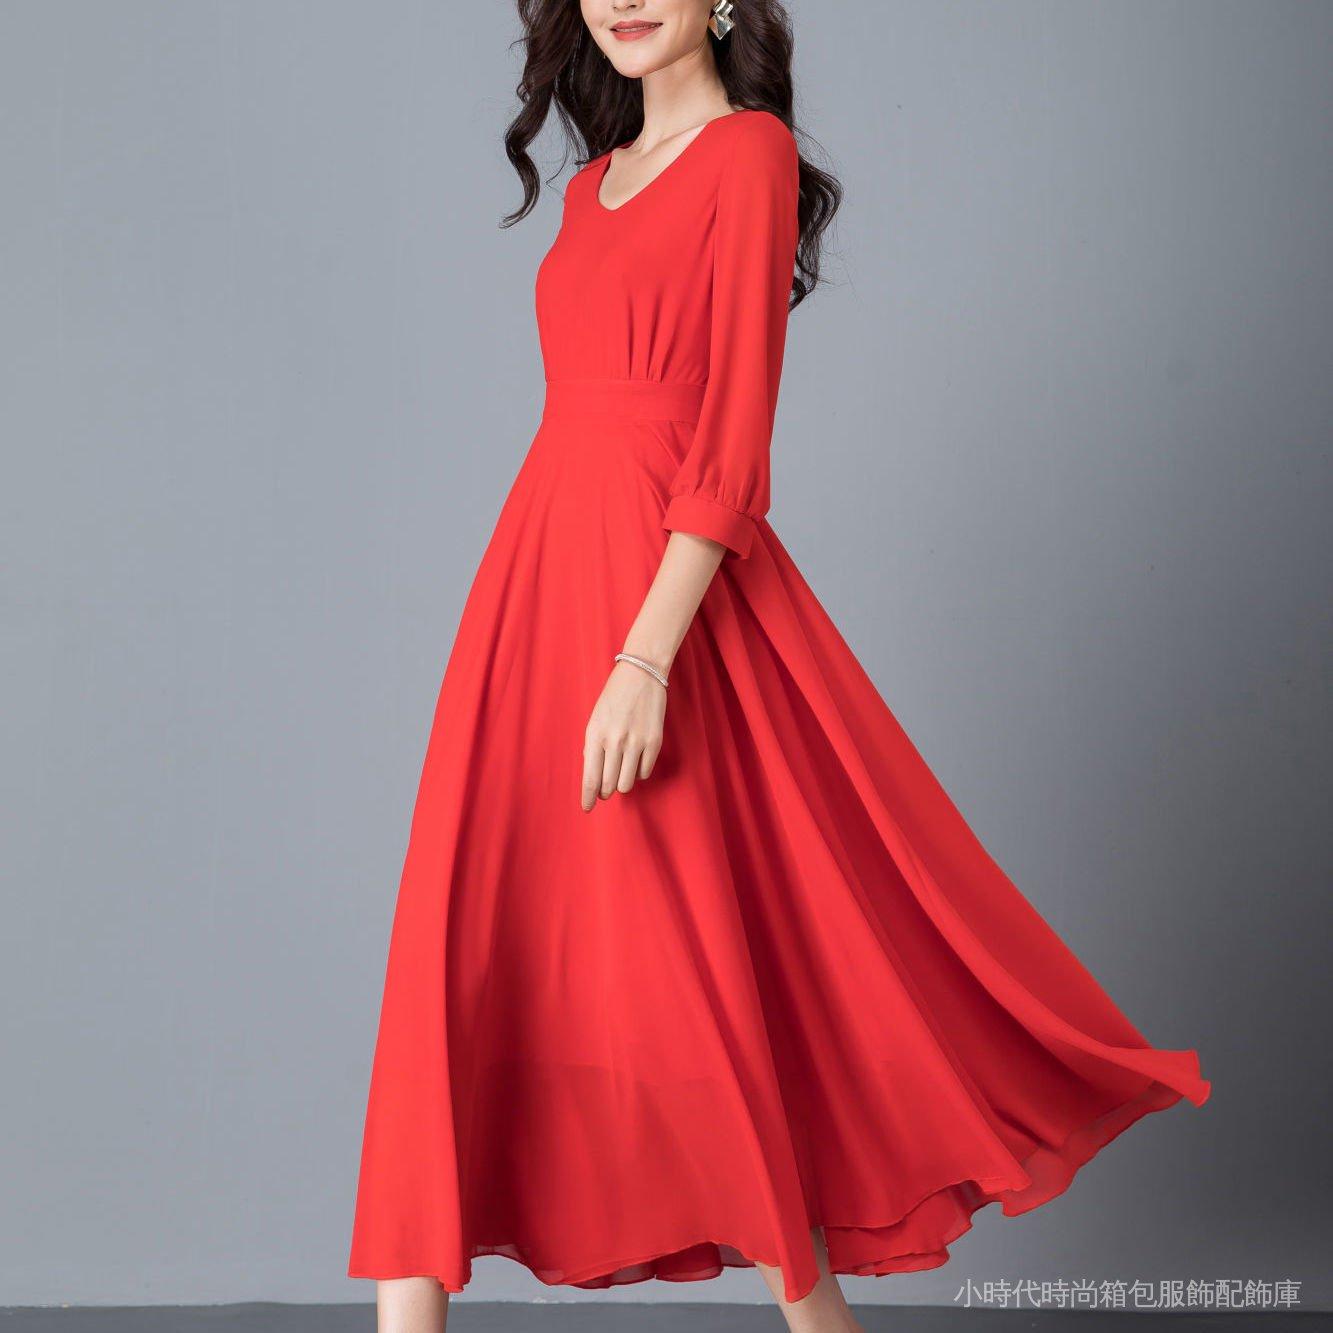 清新自然雪紡新顯瘦時尚度假2021沙灘雙層簡約長款A型修身連衣裙